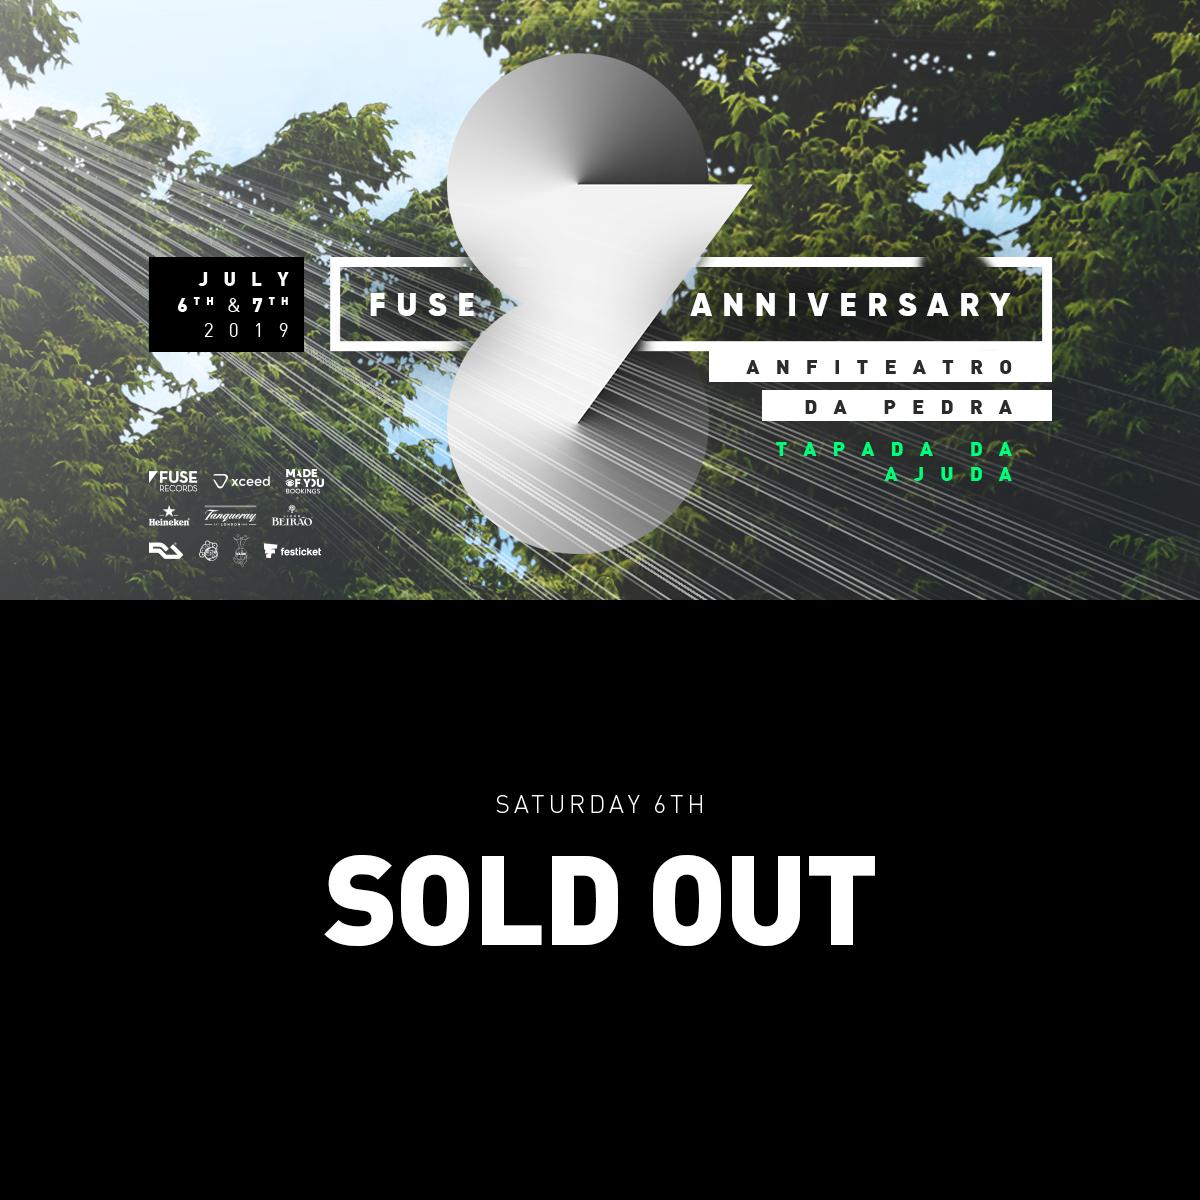 FuseMatine_aniversario_Profile_SoldOUT-sabado.png